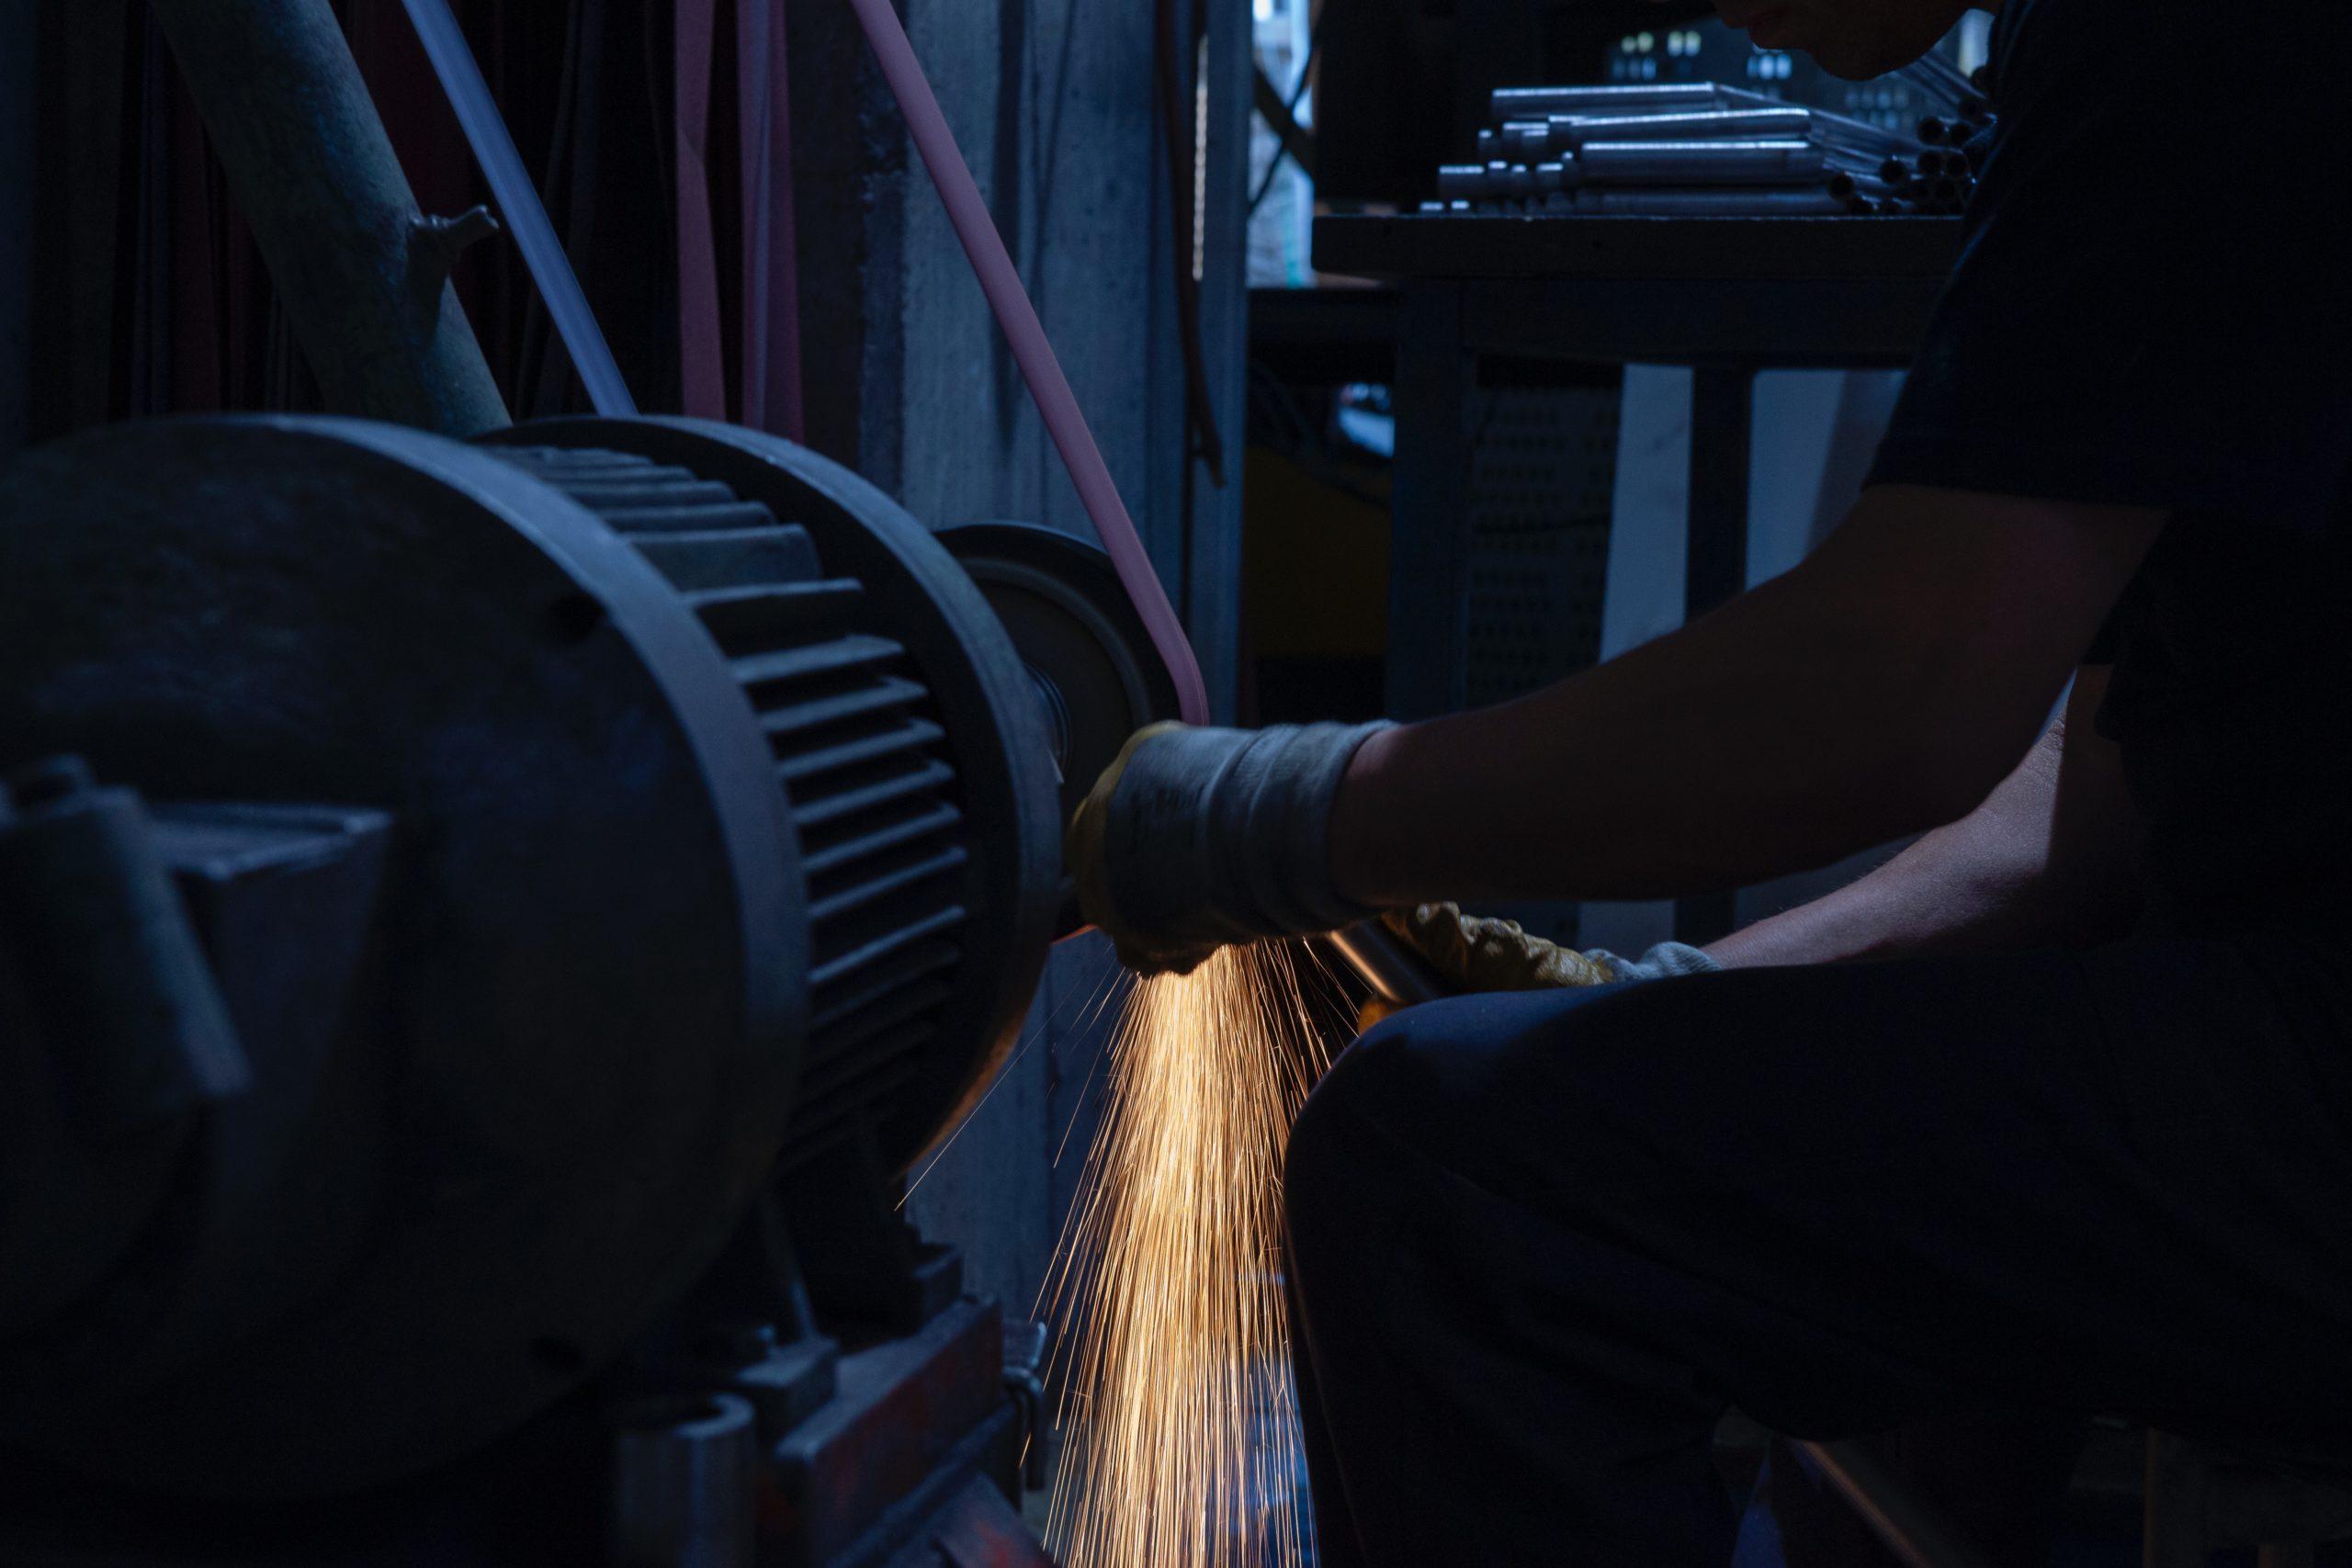 profesjonalne szlifowanie metali w przemyśle